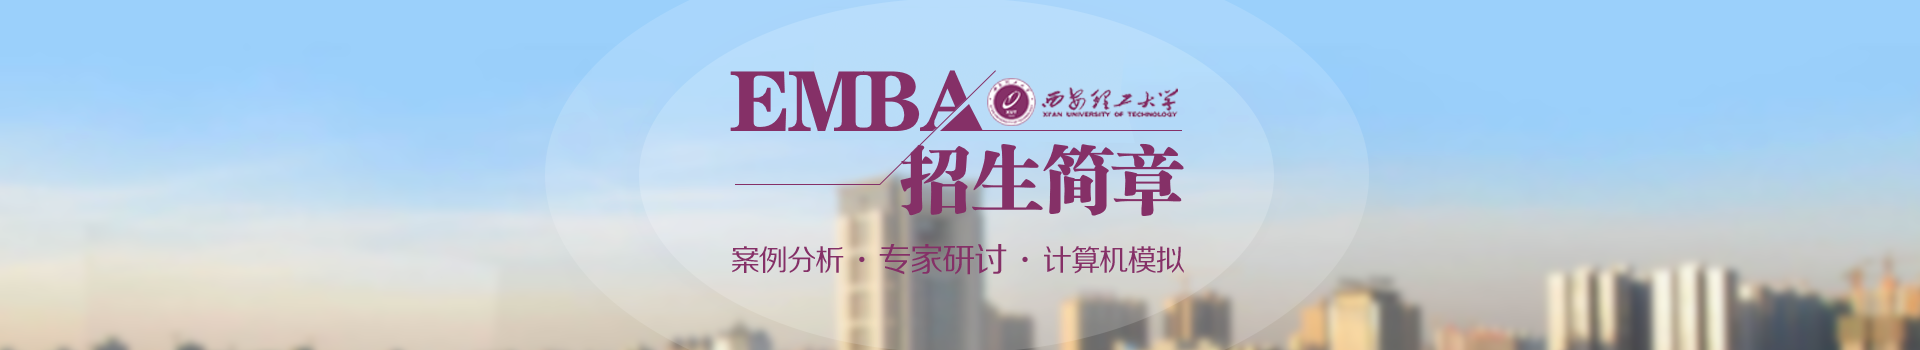 西安理工大学经济与管理学院高级工商管理硕士EMBA招生简章